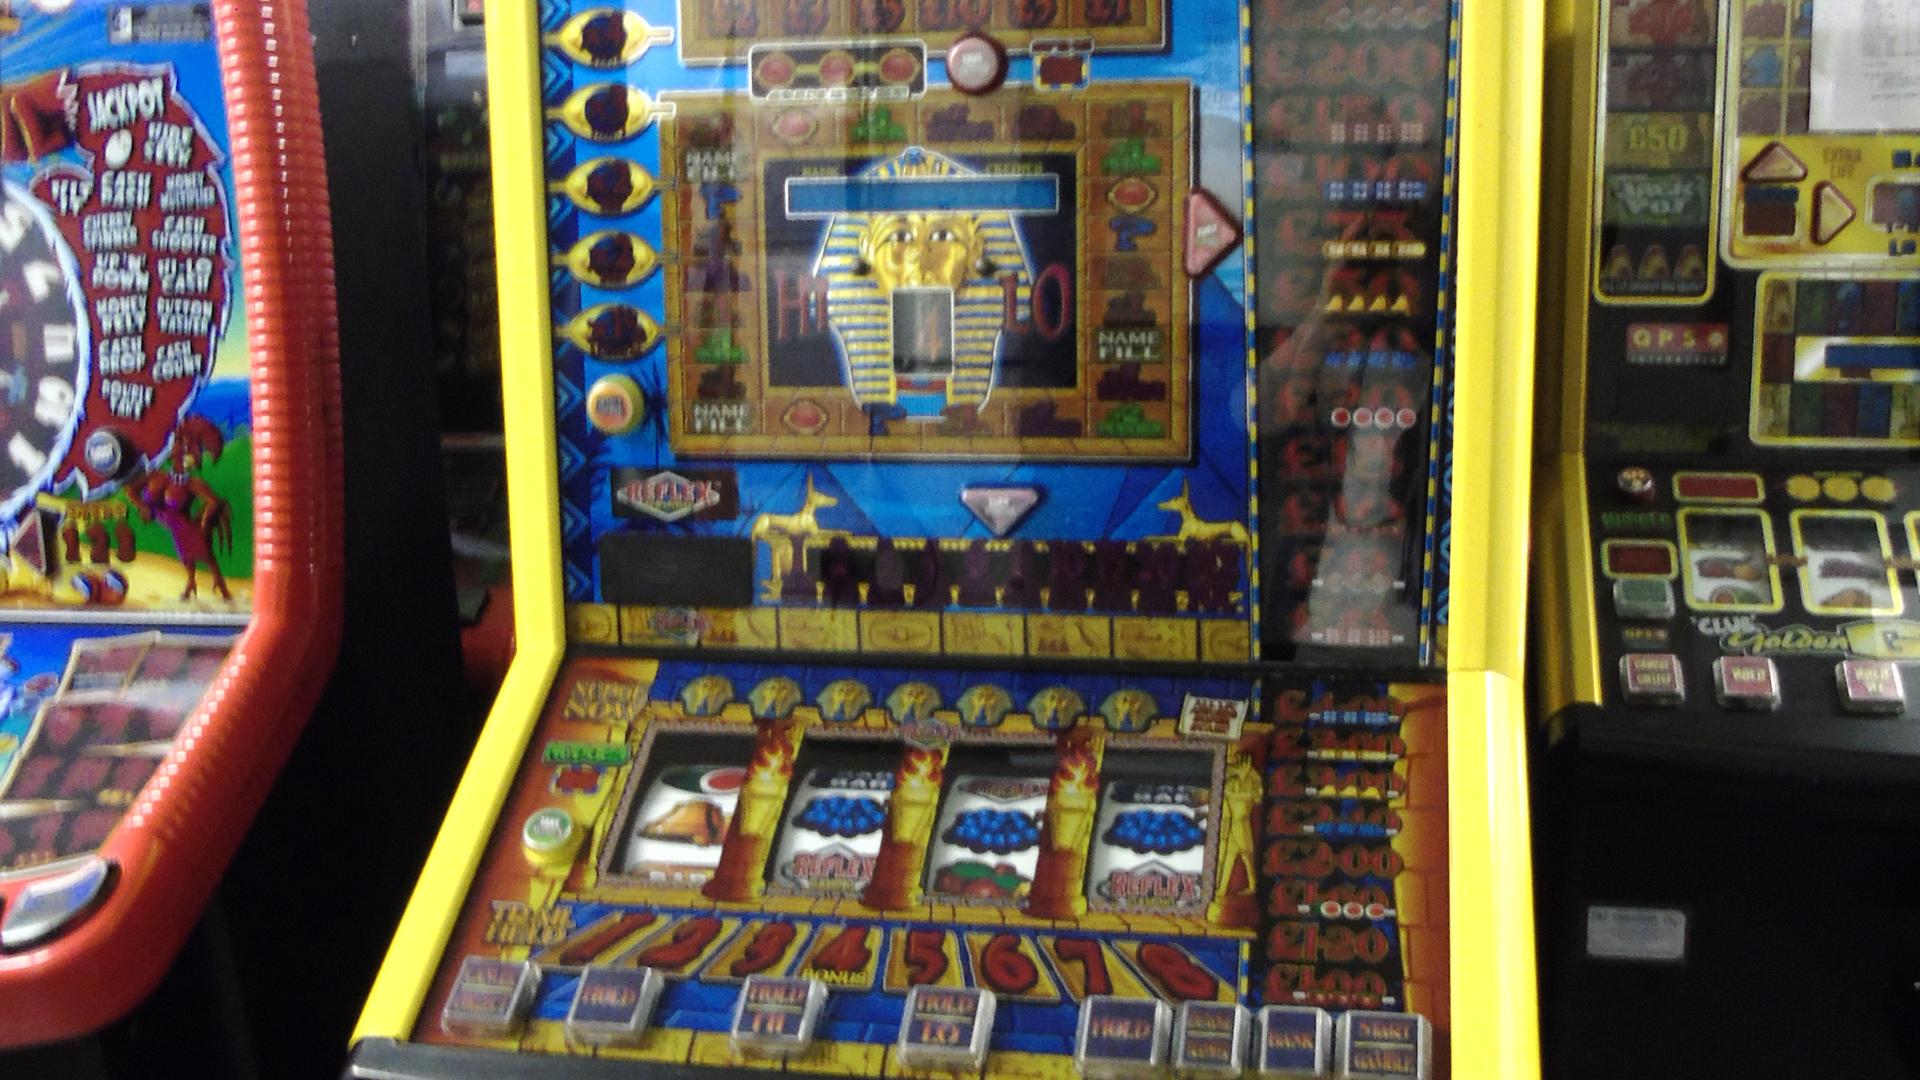 club fruit machine closeup